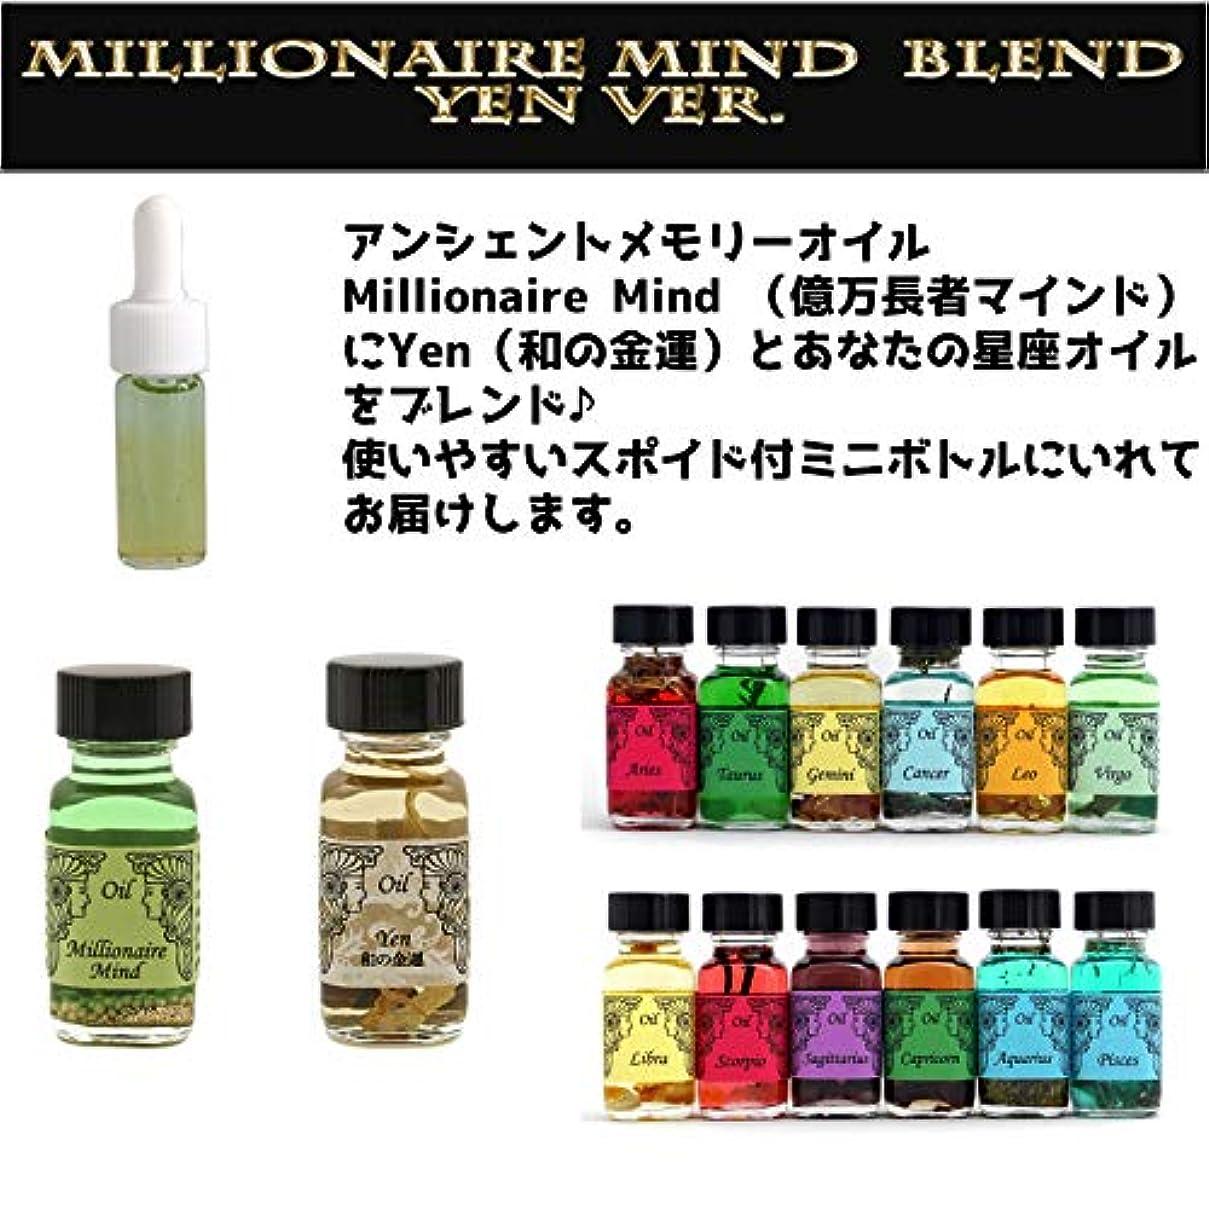 ローン紳士気取りの、きざな家庭アンシェントメモリーオイル Millionaire Mind 億万長者マインド ブレンド【Yen 和の金運&やぎ座】